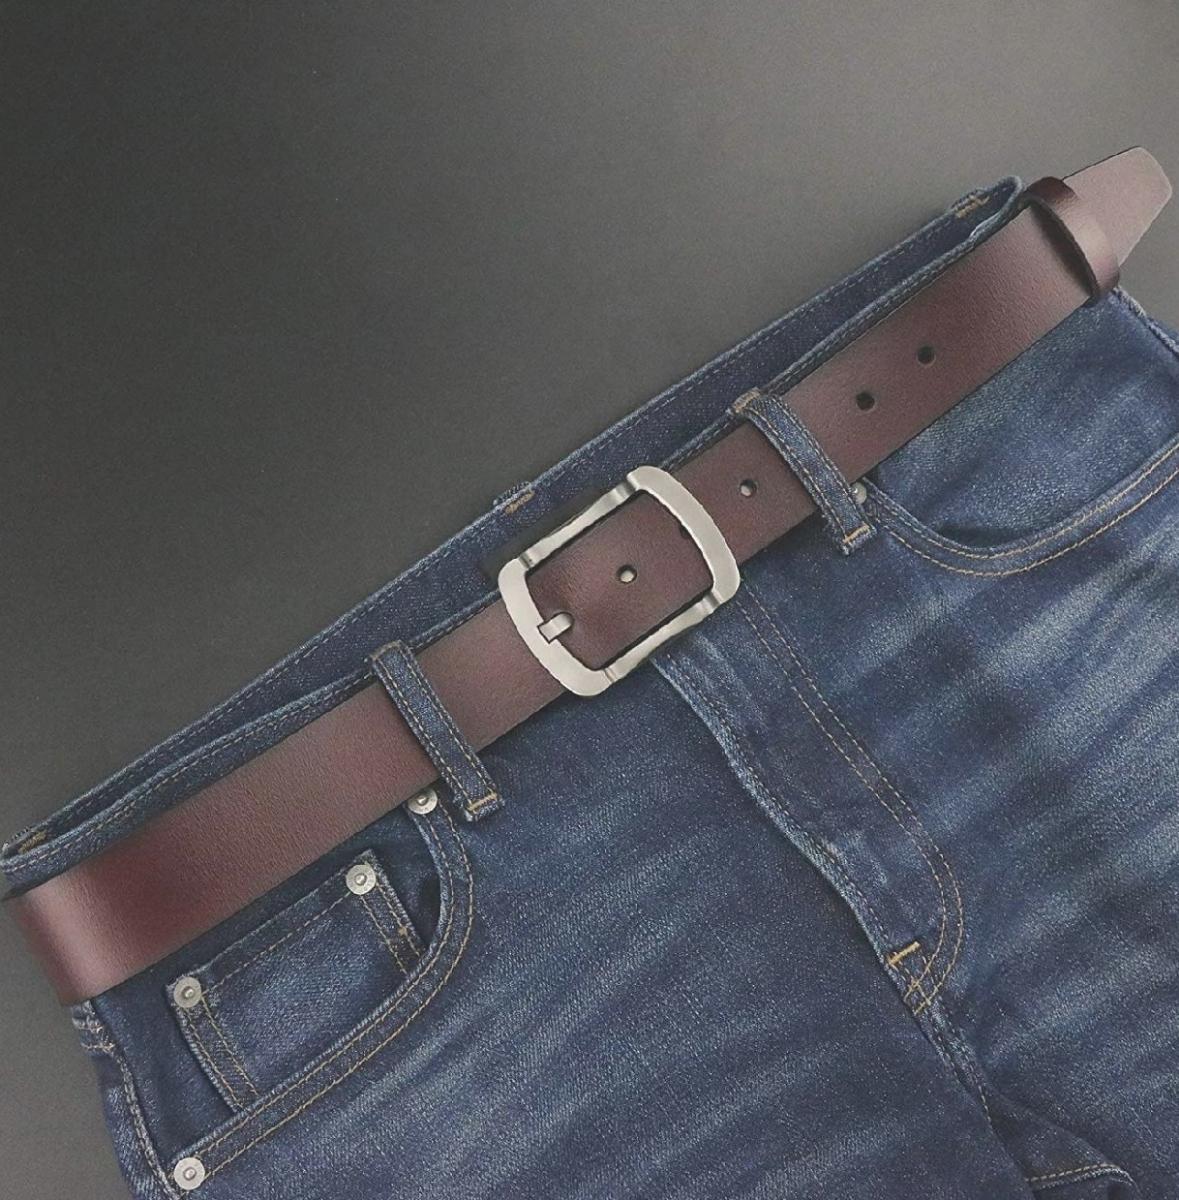 メンズ ビジネス カジュアル 大きいサイズ メンズベルト 紳士ベルト 革ベルト ビジネスベルト おしゃれ 本革 ブラウン ベルト_画像2